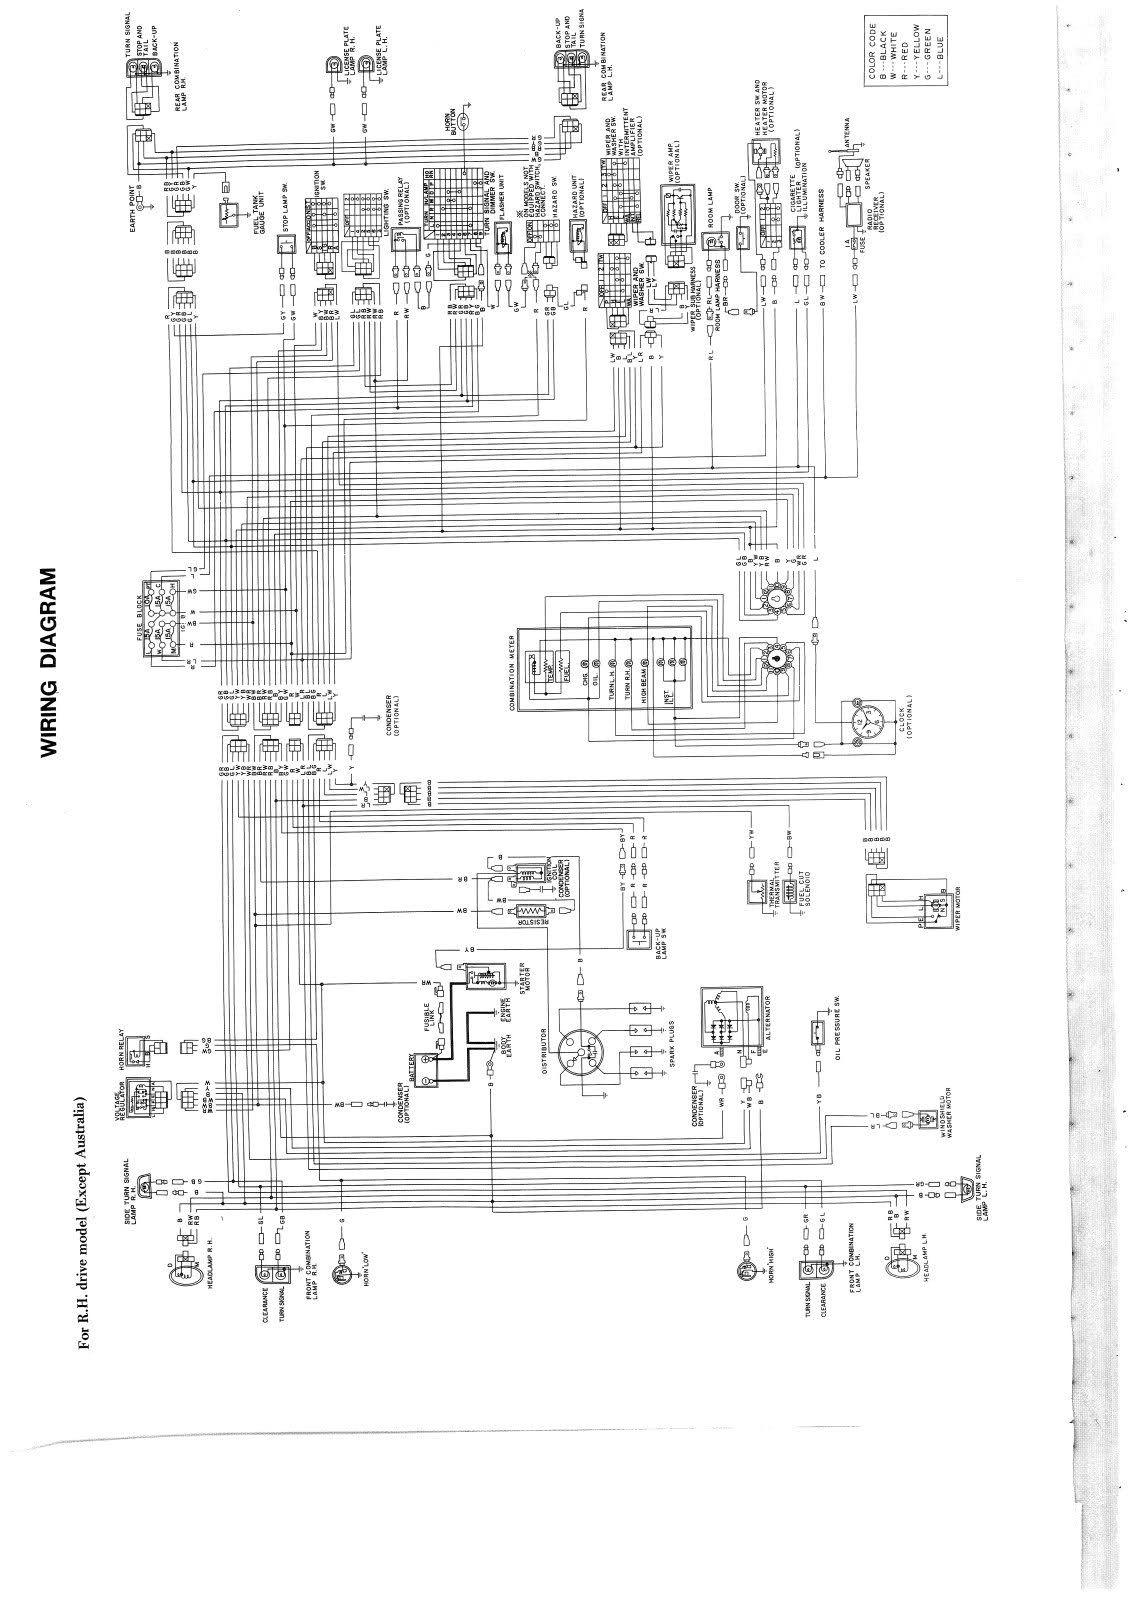 Wiring diagram for nissan 1400 bakkie #6 | nissan | Nissan